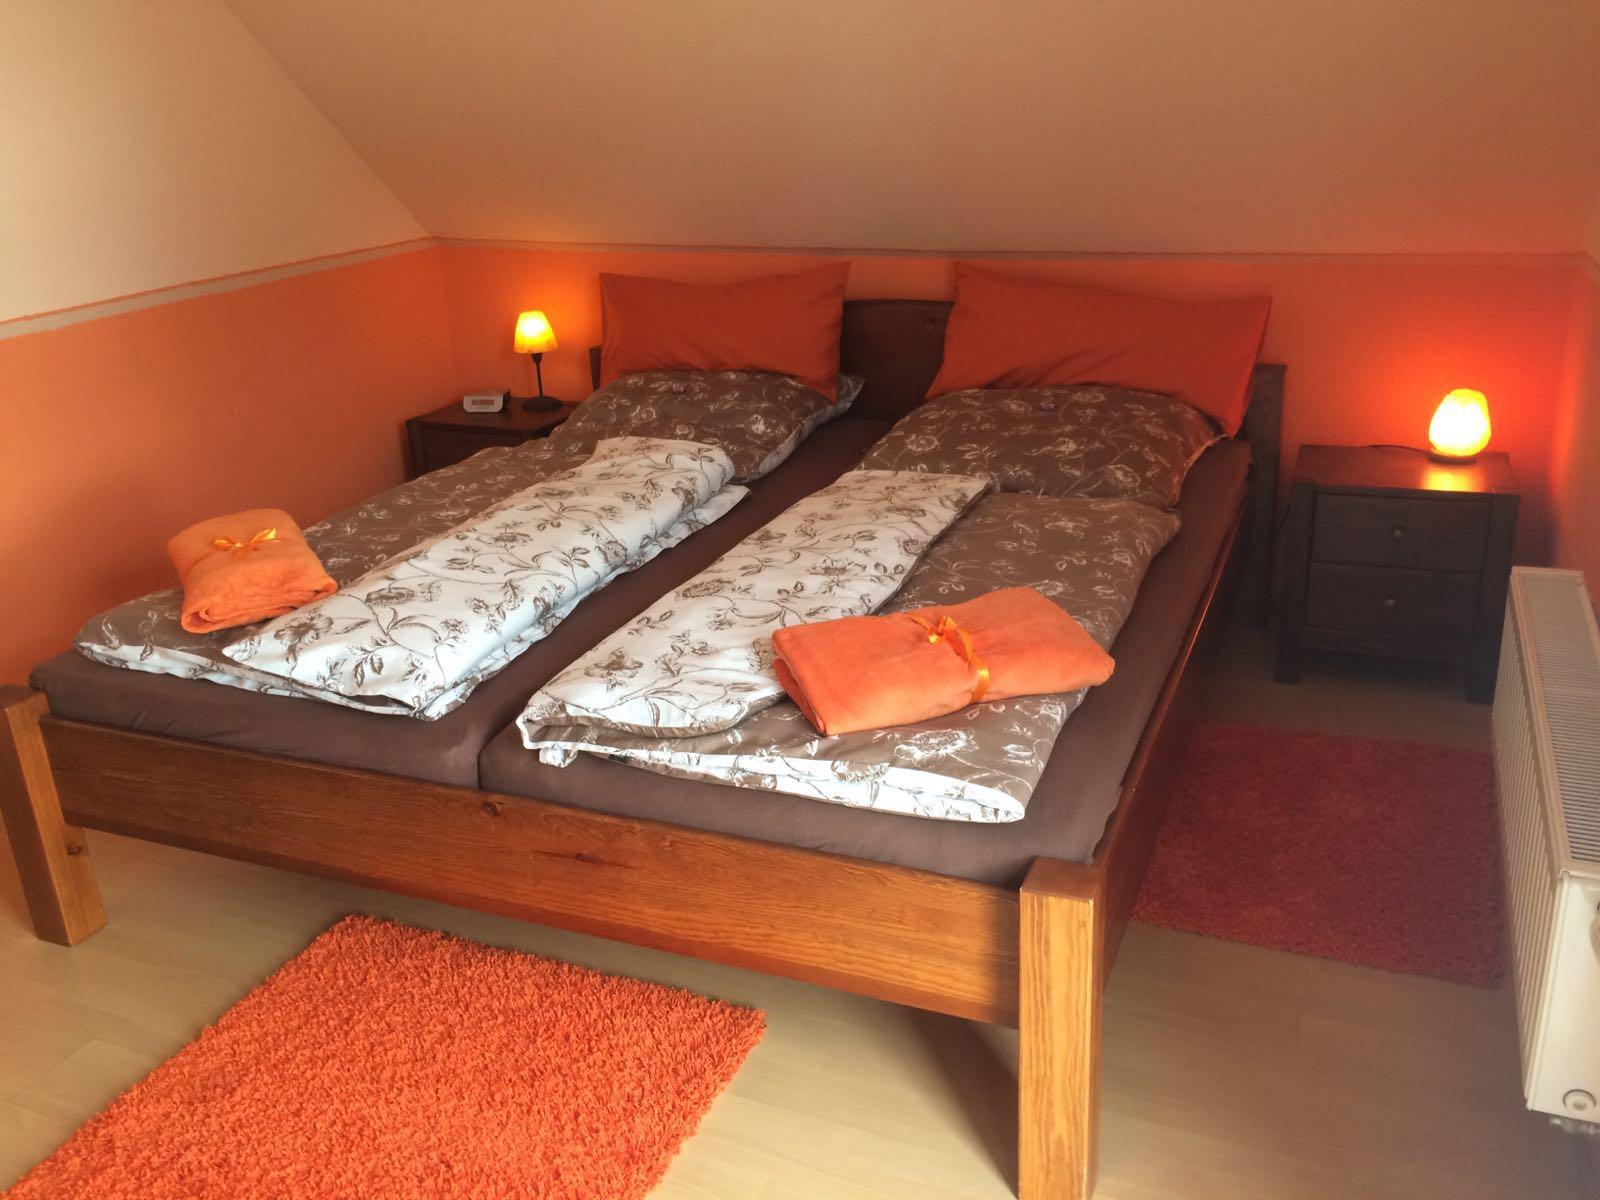 Haus Friesenglück in Kolkerheide, Nordfriesland – Ferienwohnungen und Ferienapartments – Ferienapartment 1 (braun/orange) – Innenansicht 3